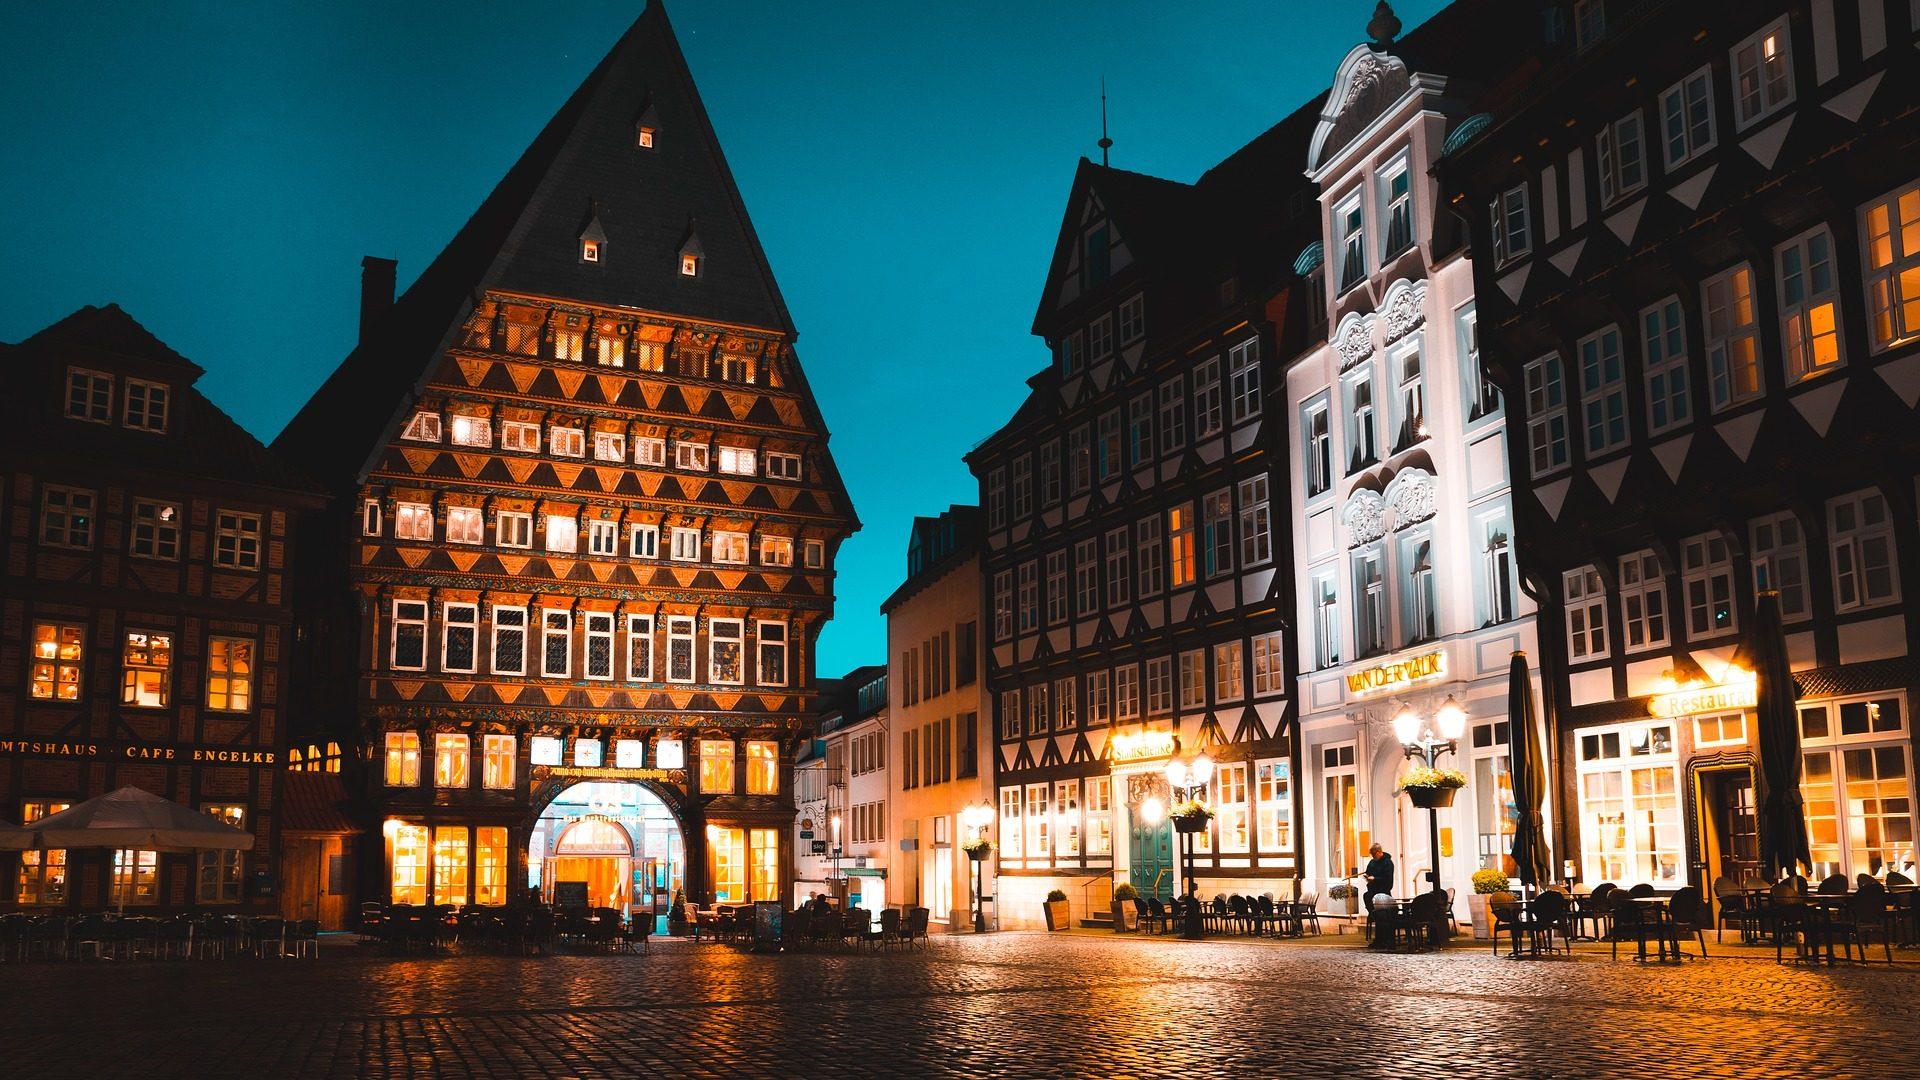 Ville, bâtiments, nuit, lumières, Hildesheim, Allemagne - Fonds d'écran HD - Professor-falken.com